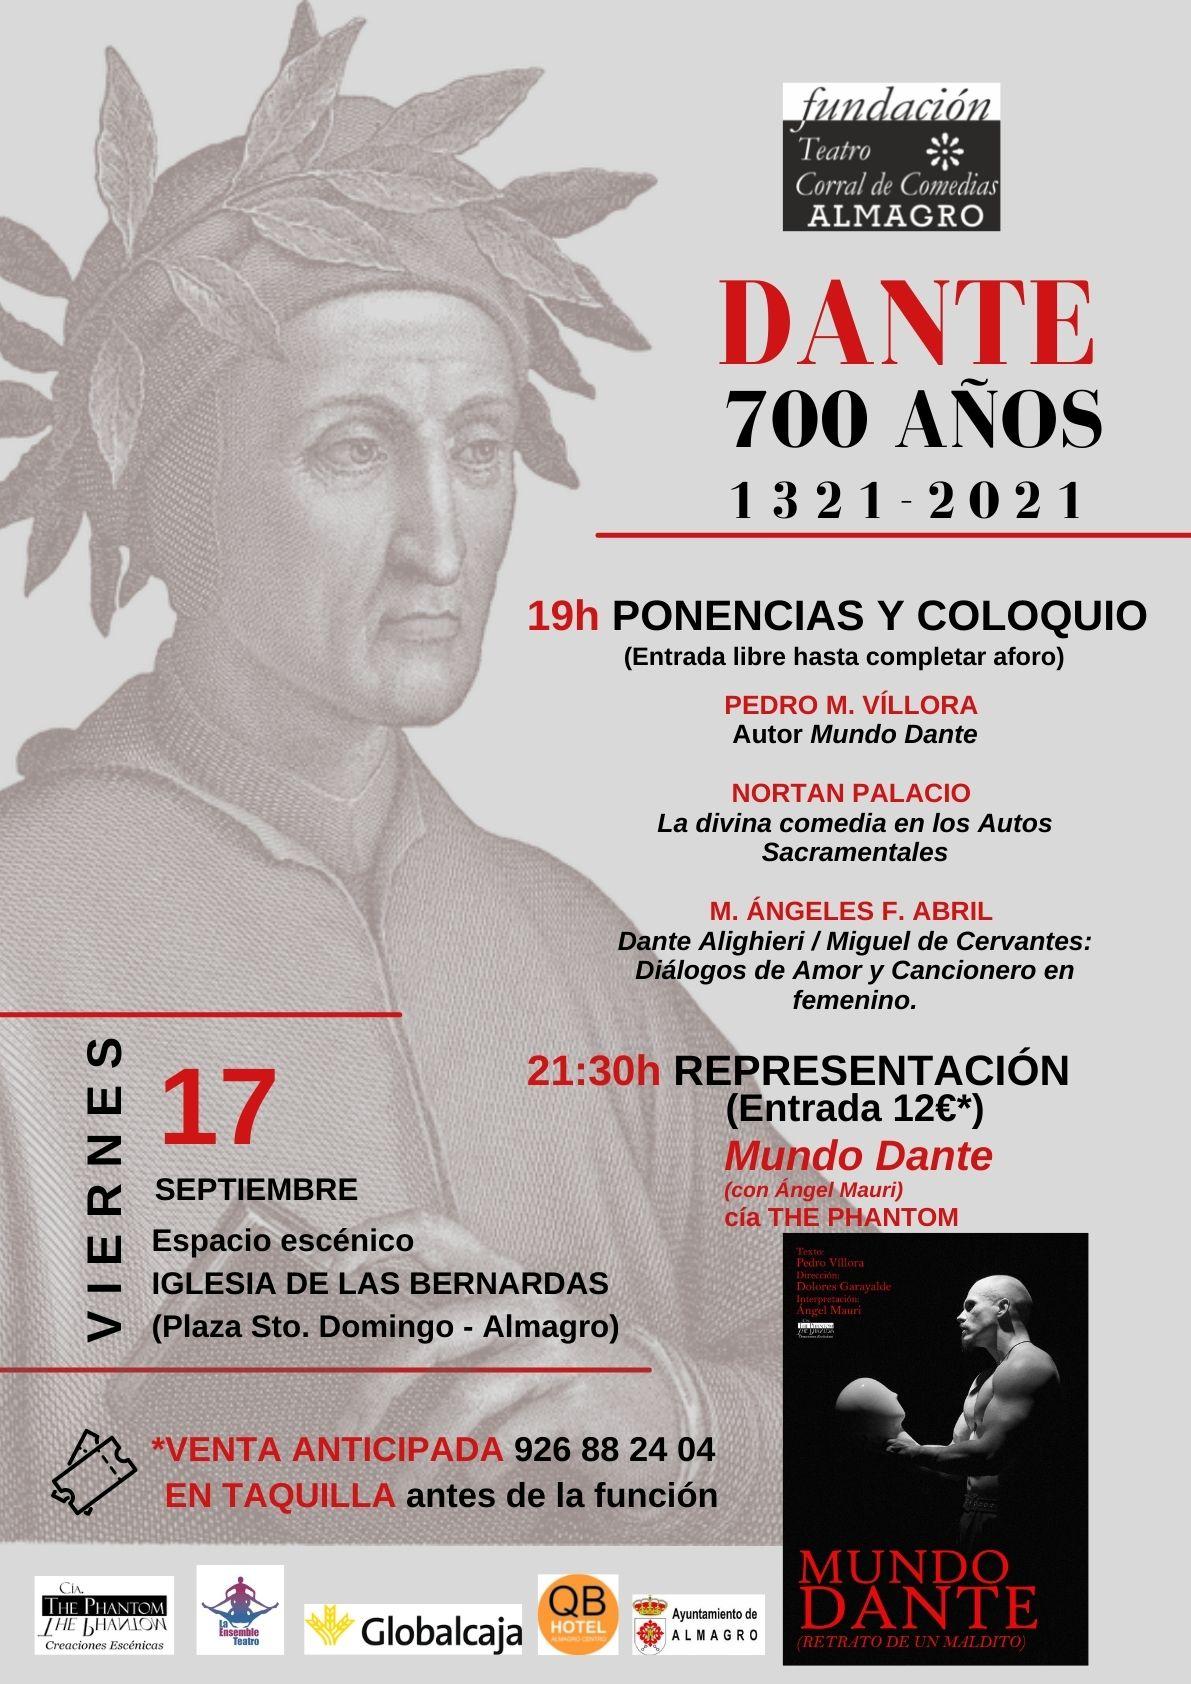 Jornada 700 años Dante